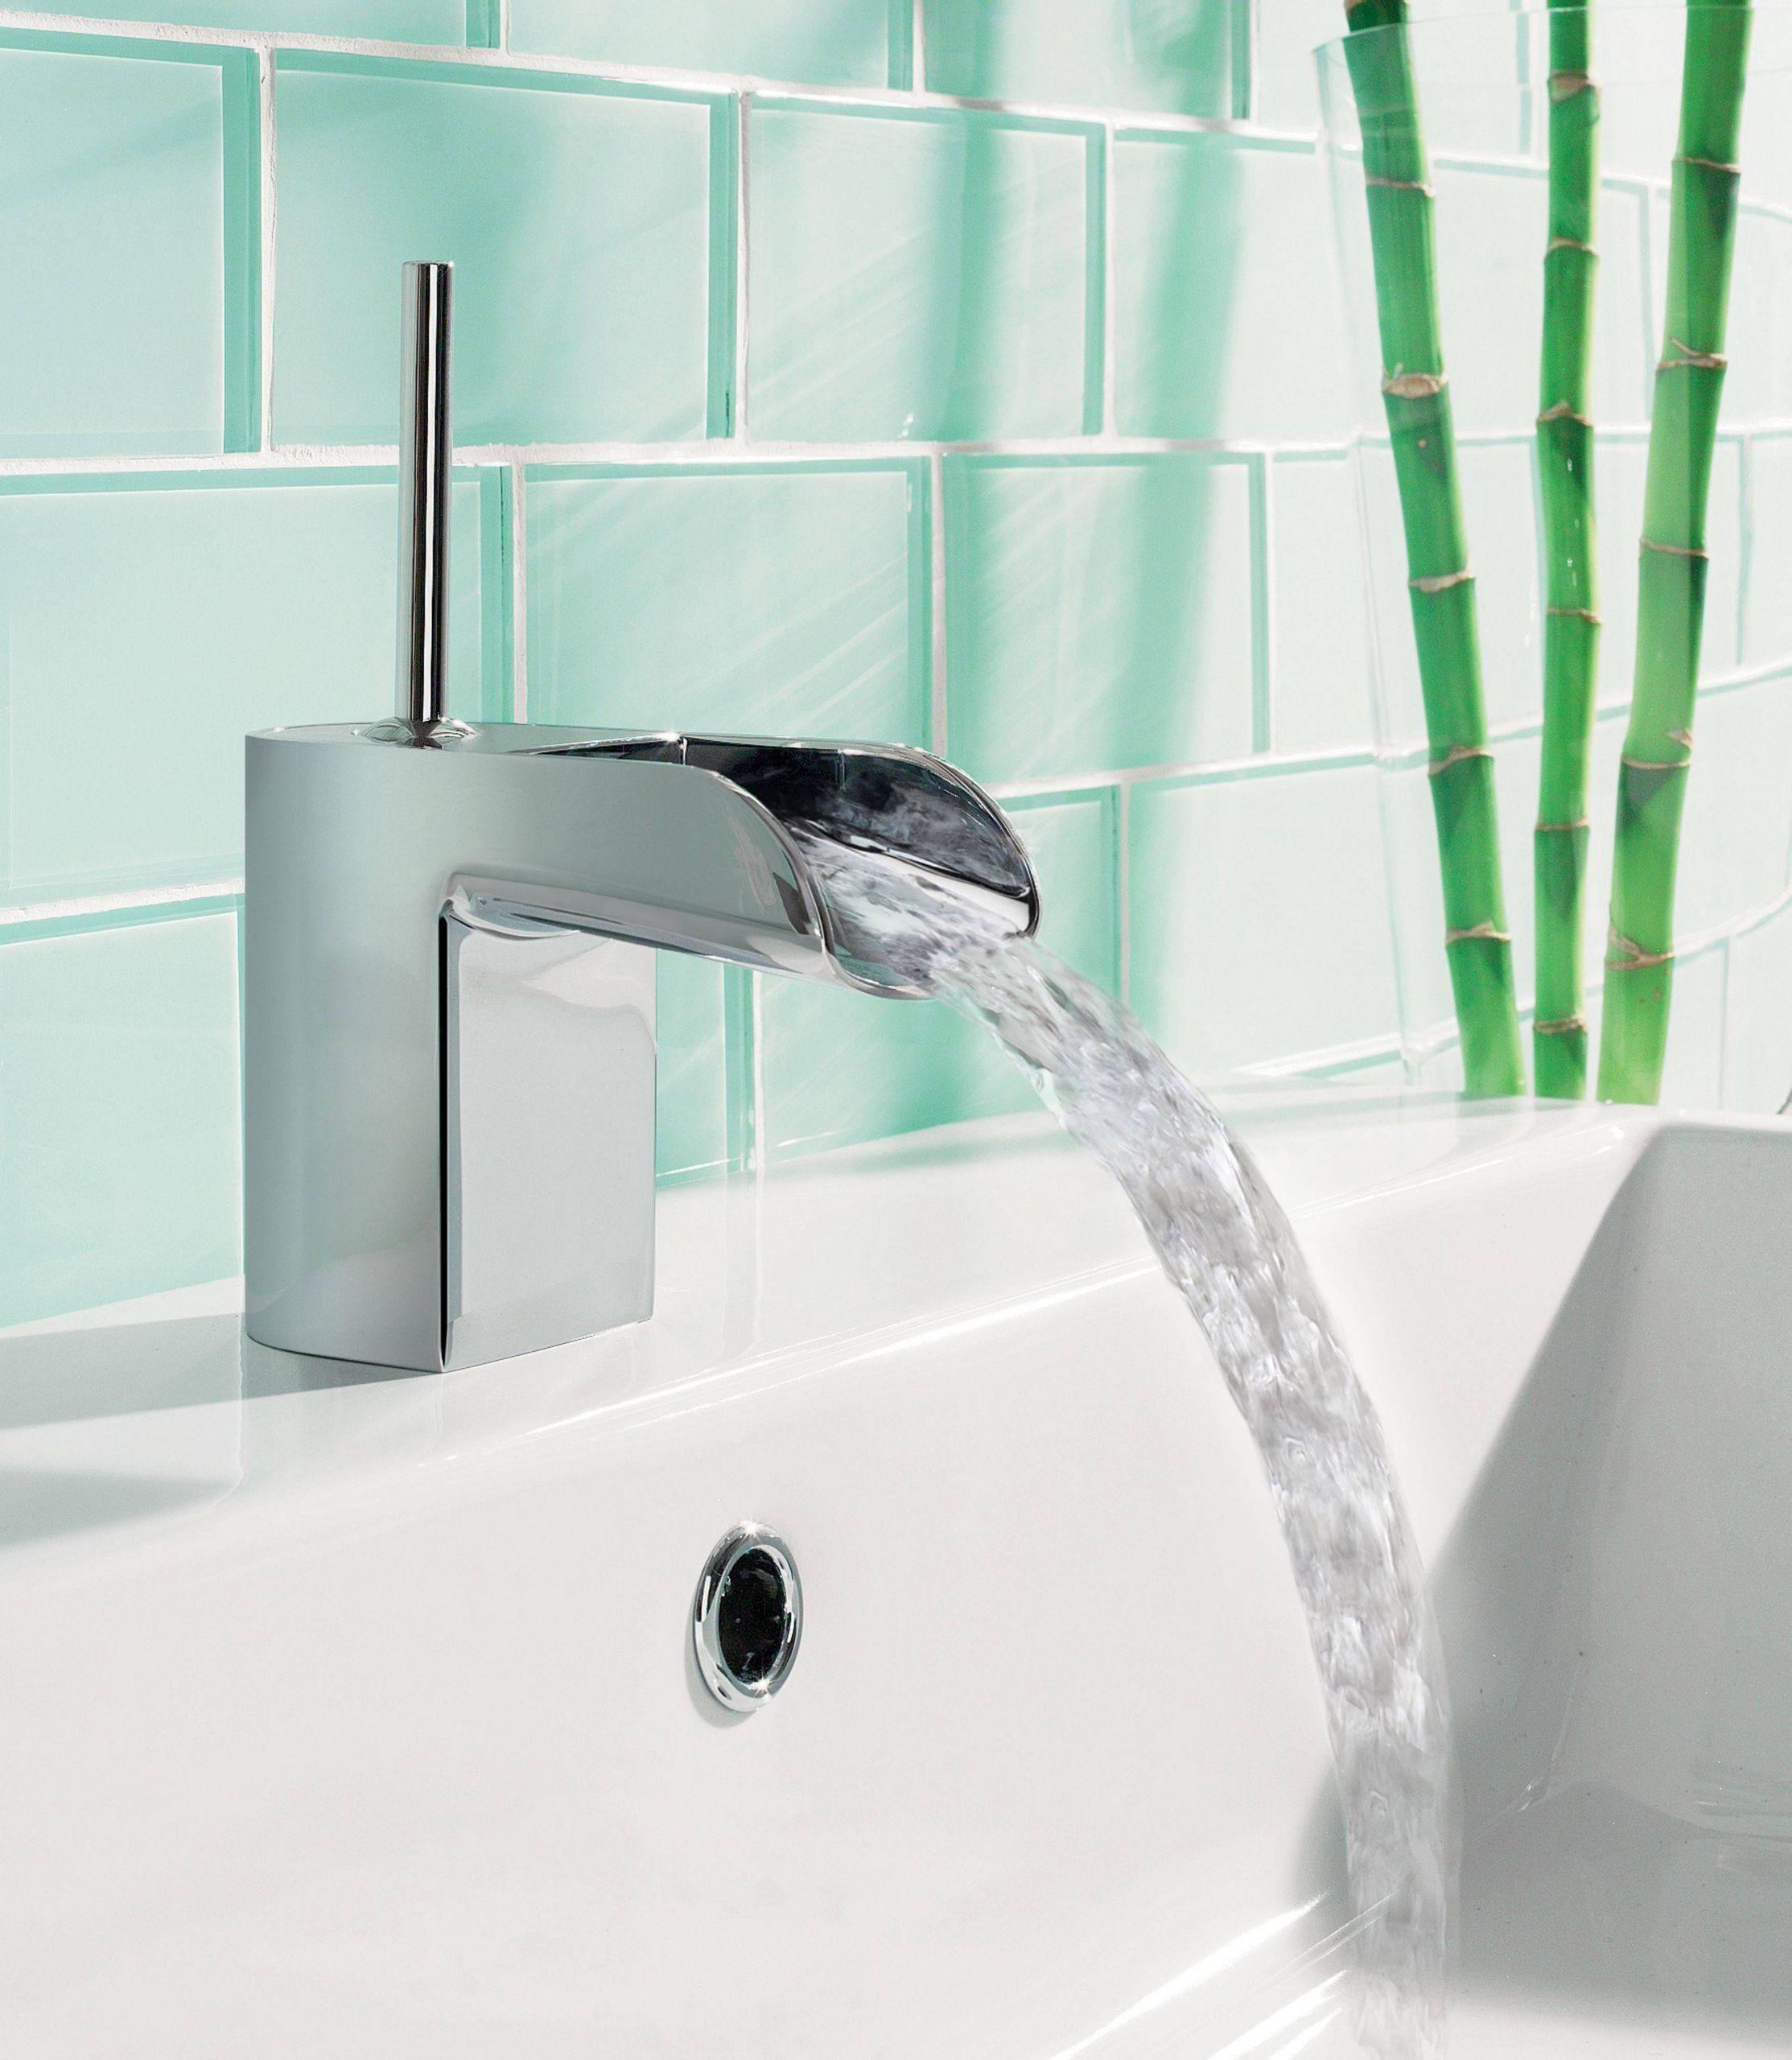 Modern Bathroom Faucets Instagood Dekorasirumah Diy Kitchen Deco Bathroom Deco Dekoras In 2020 Modern Bathroom Faucets Bathroom Faucets Chrome Modern Bathroom